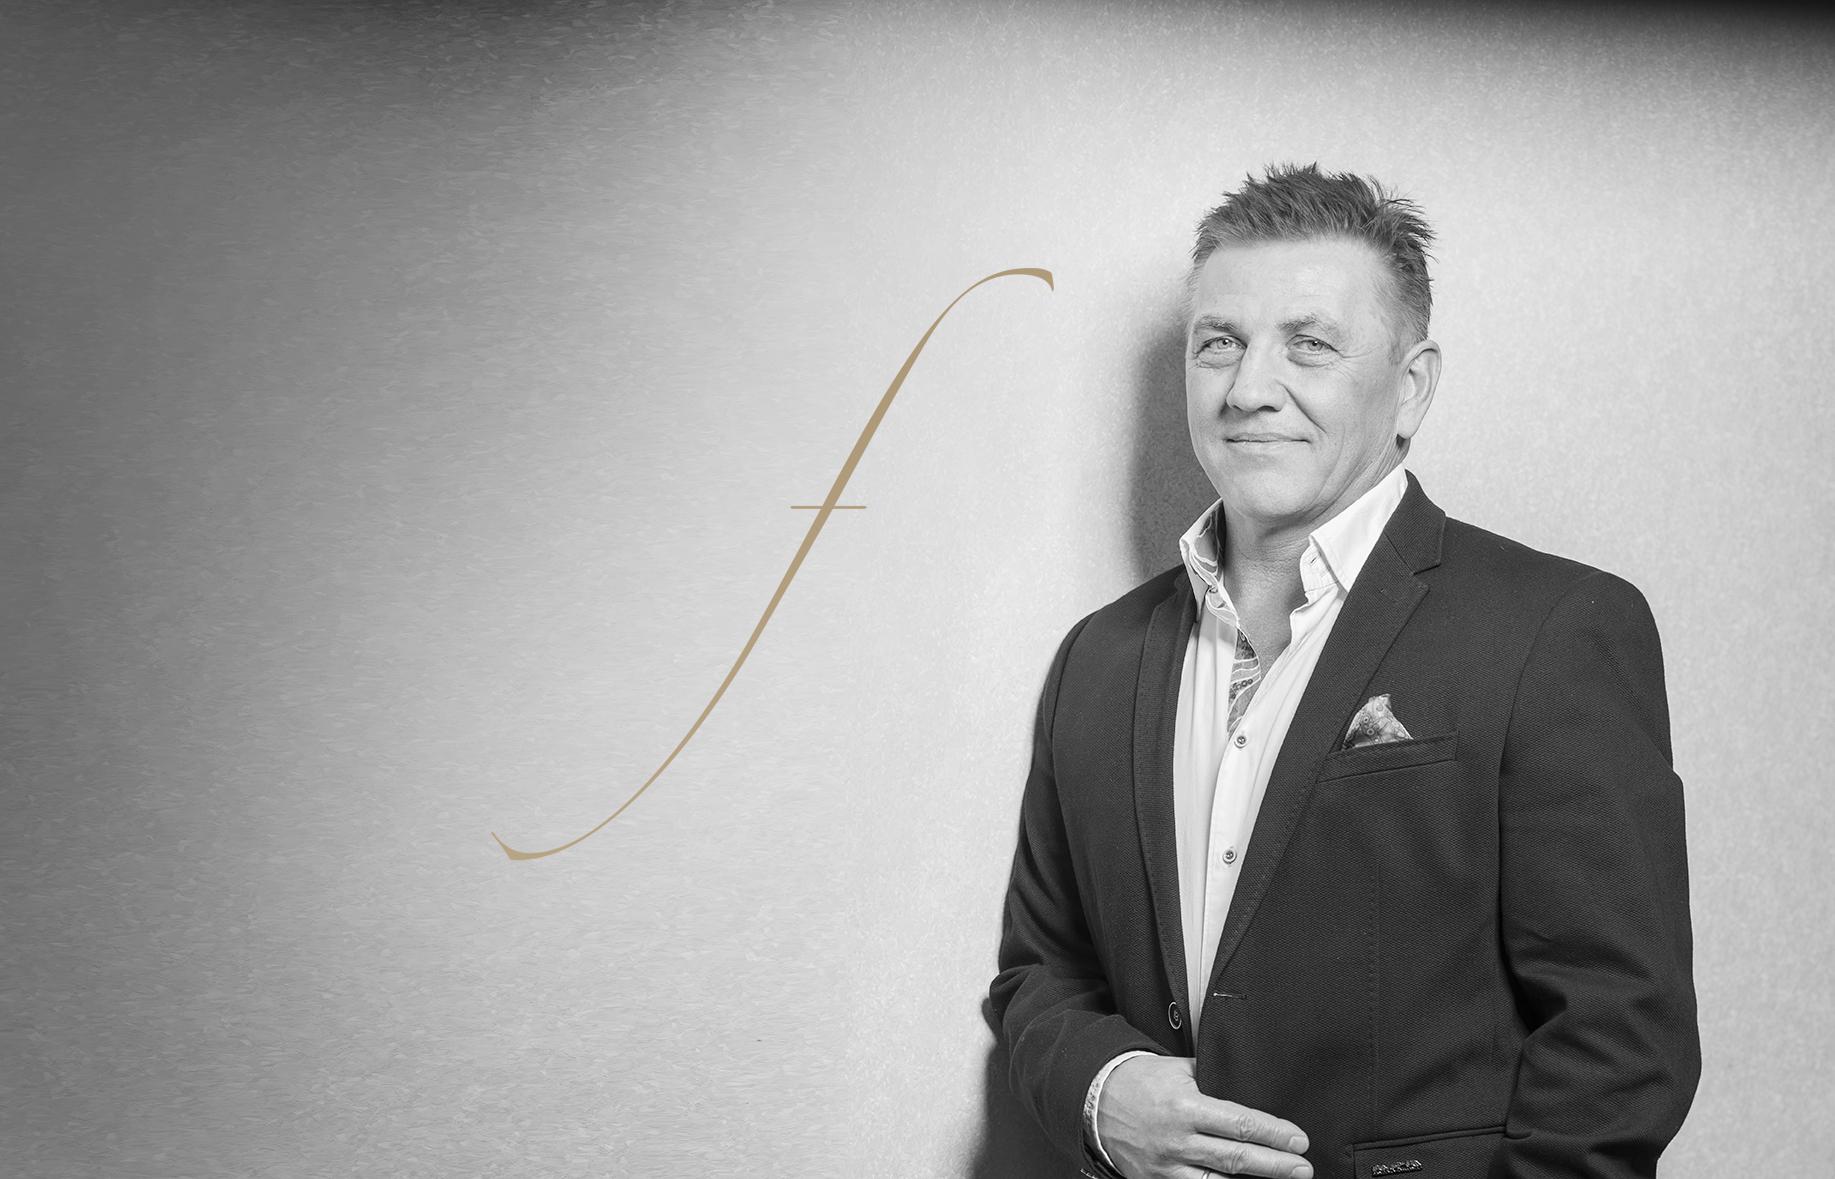 Portrait-Bild von Zahntechnikmeister Rainer Fehling, Geschäftsführer von Fehling Zahntechnik in Remscheid.